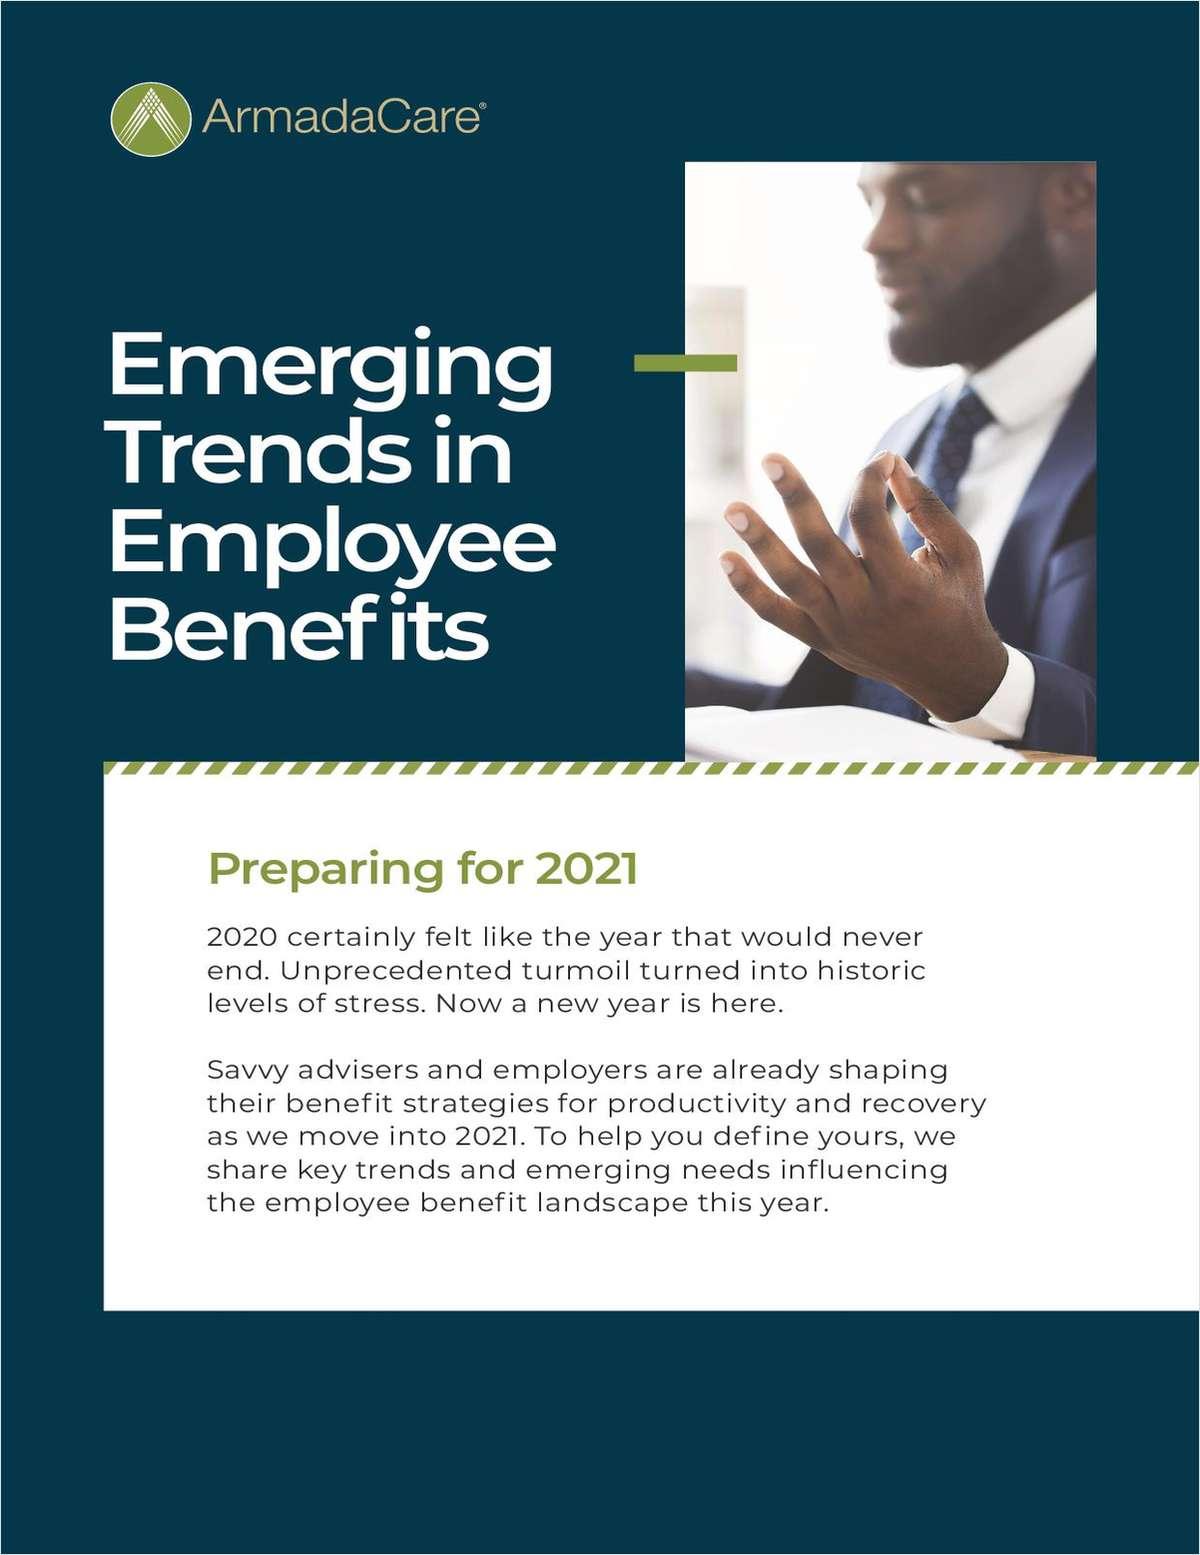 Emerging Trends in Employee Benefits